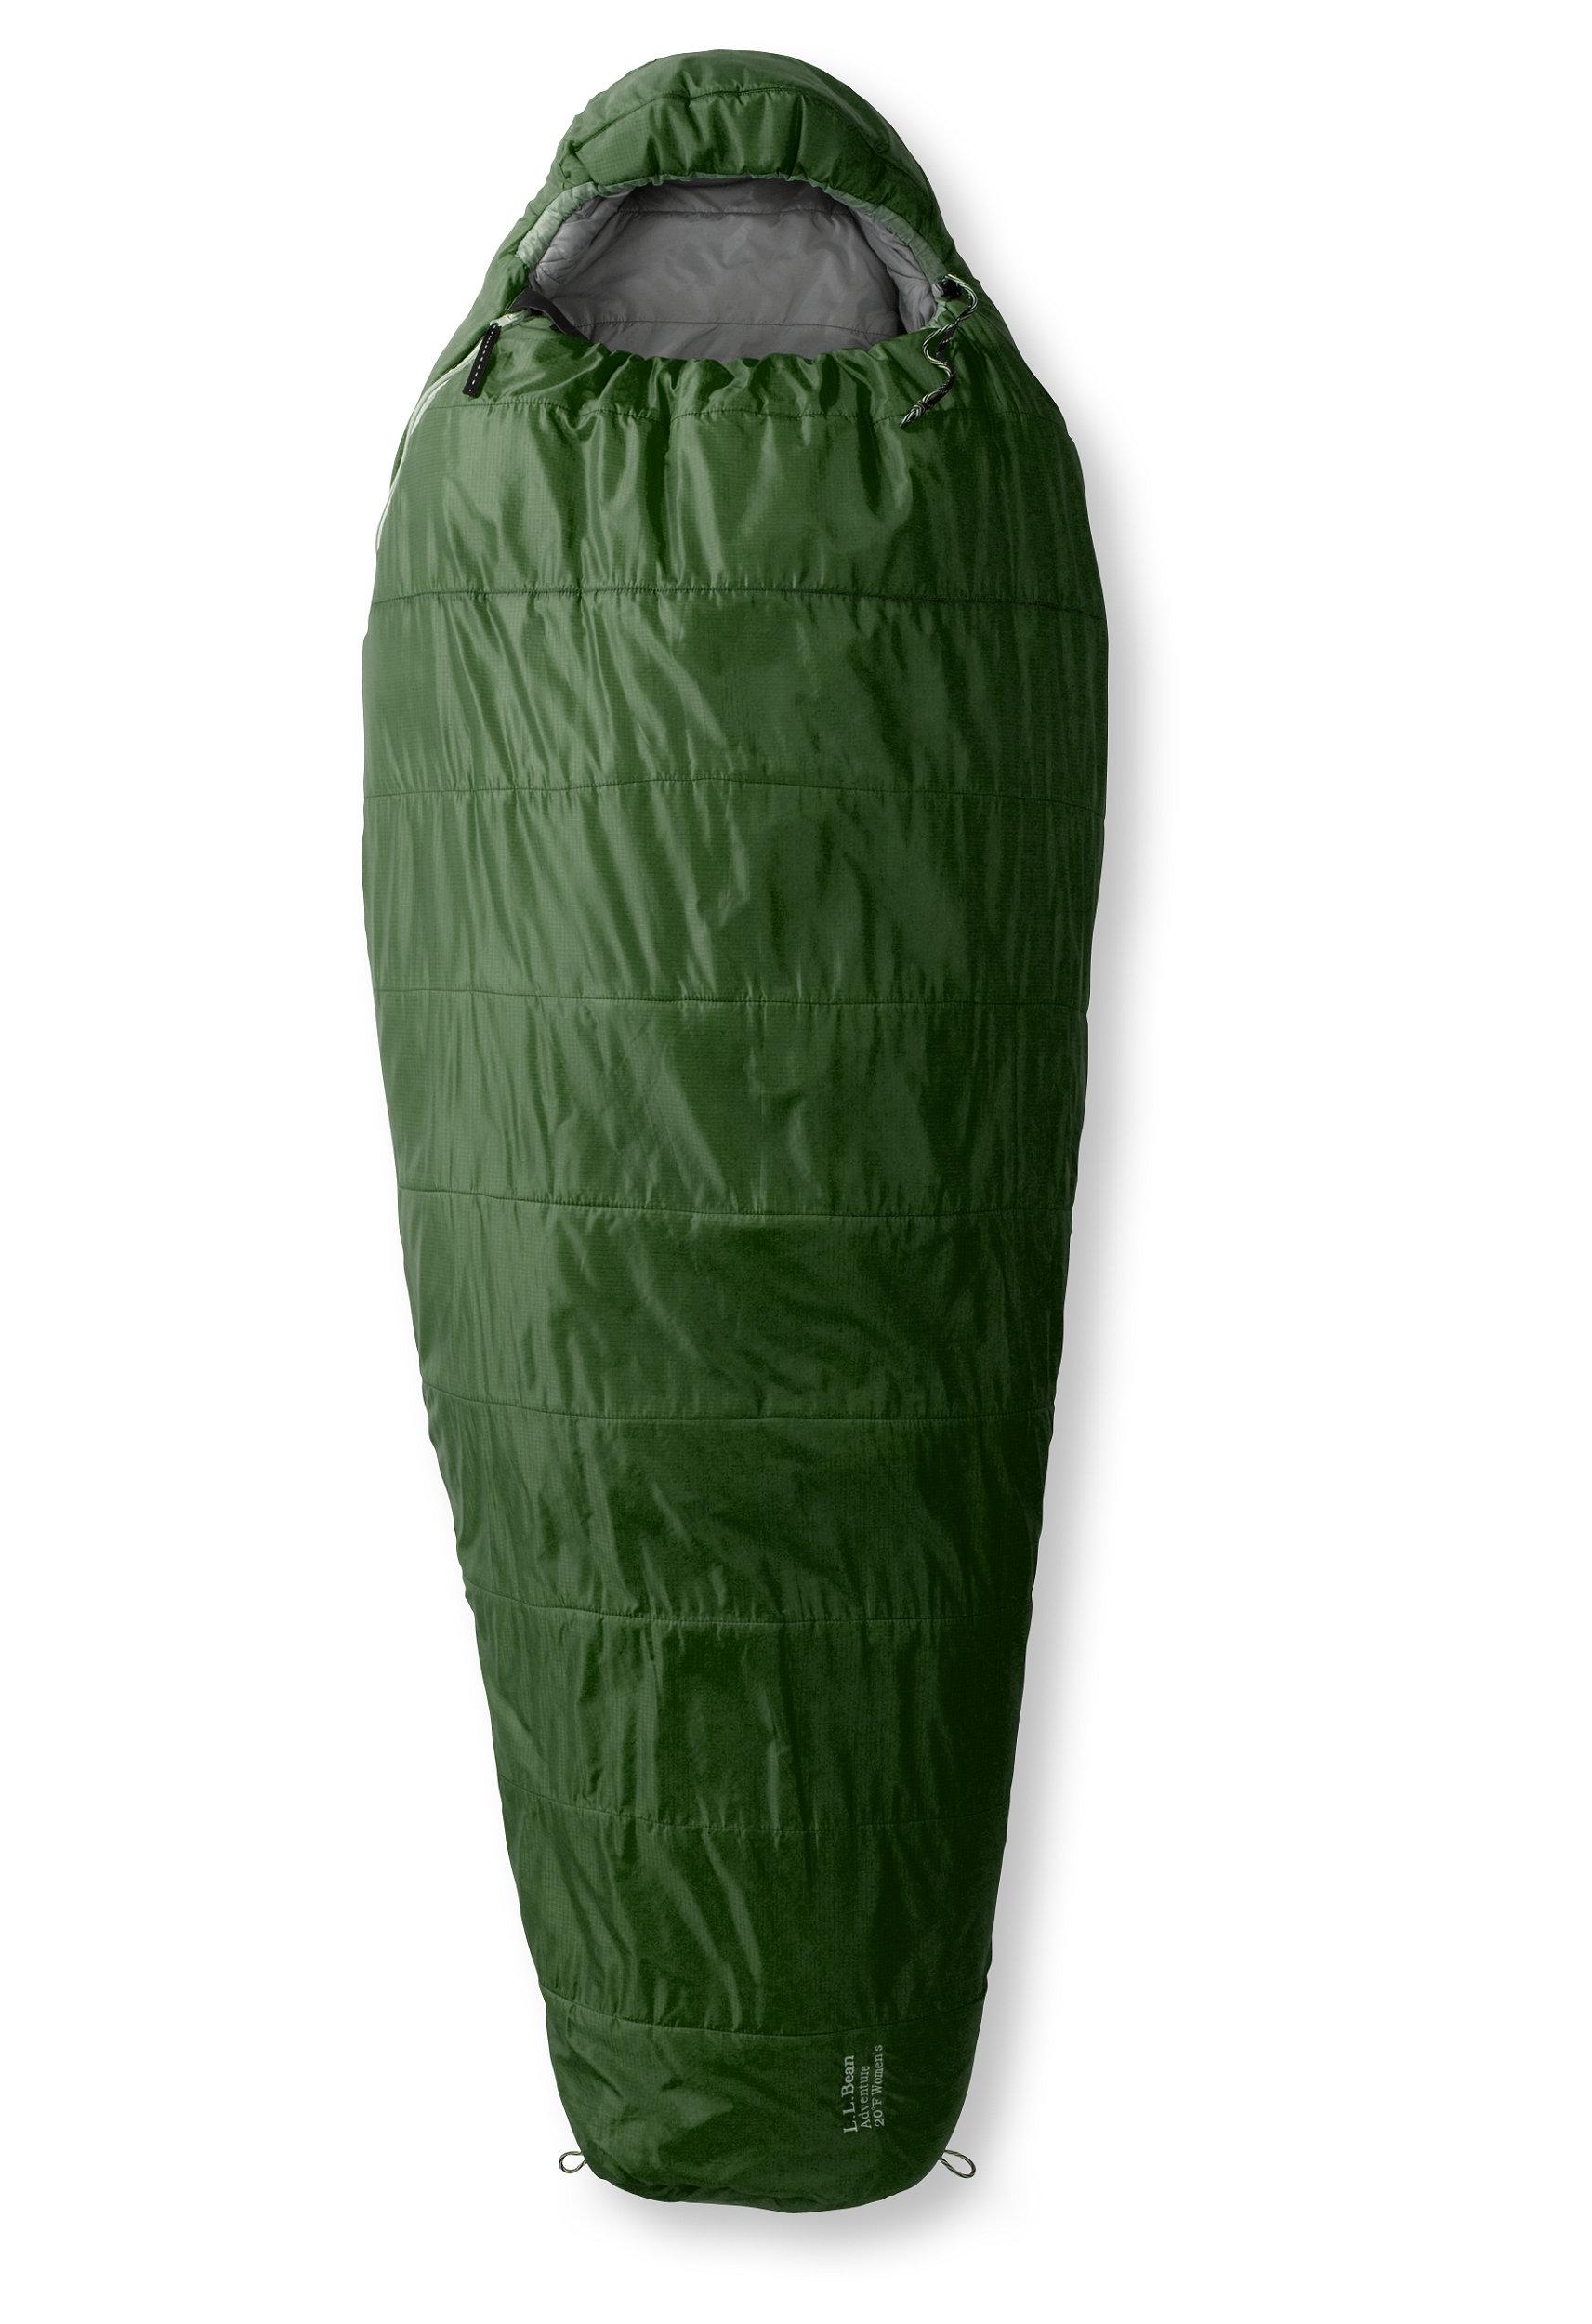 L.L.Bean Adventure Sleeping Bag Mummy 20F